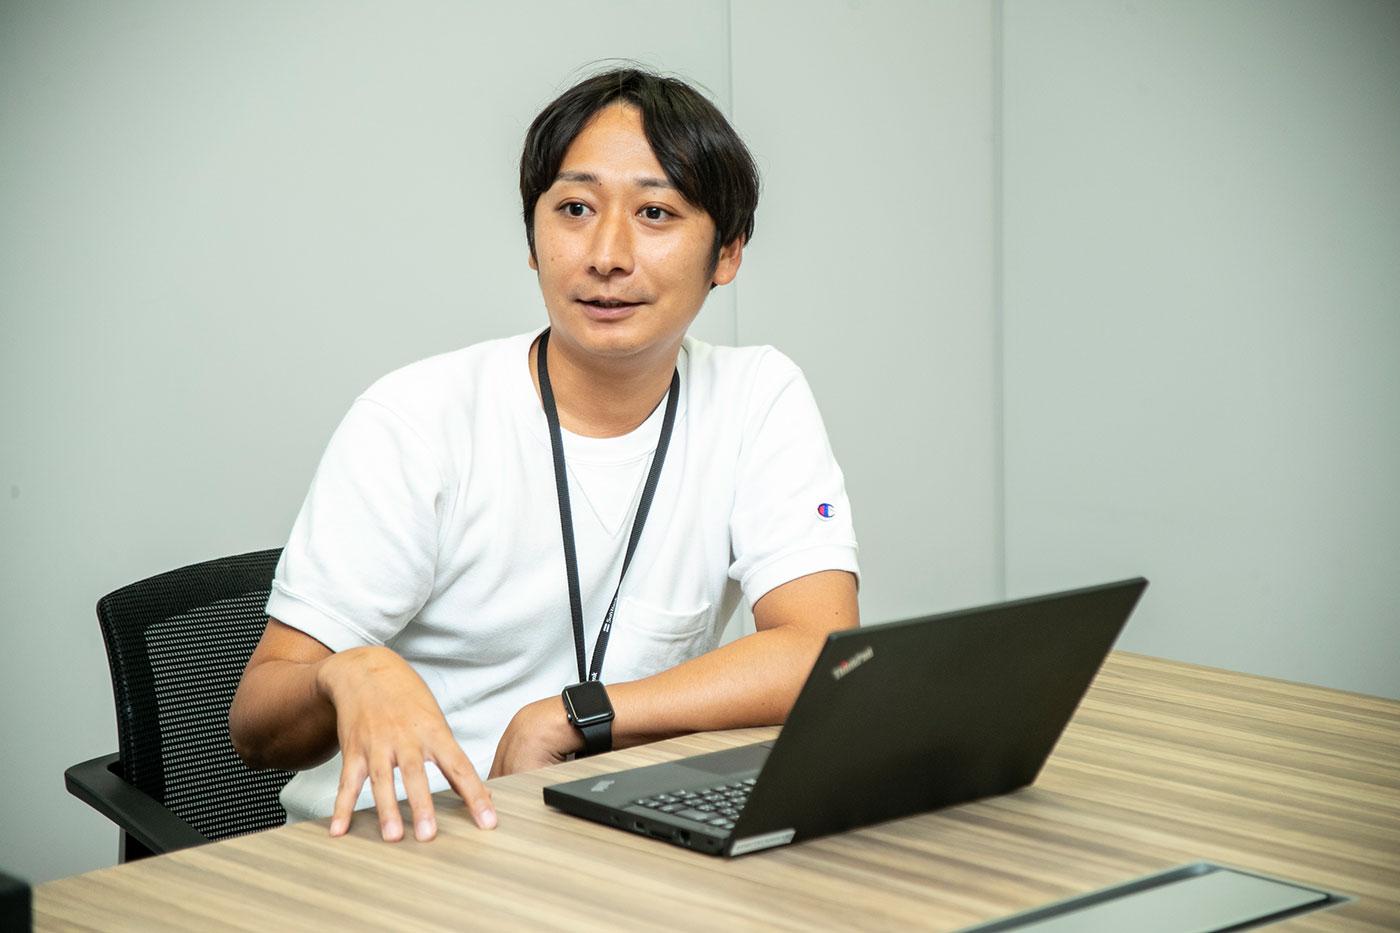 新井さん(Photo by 白井絢香)